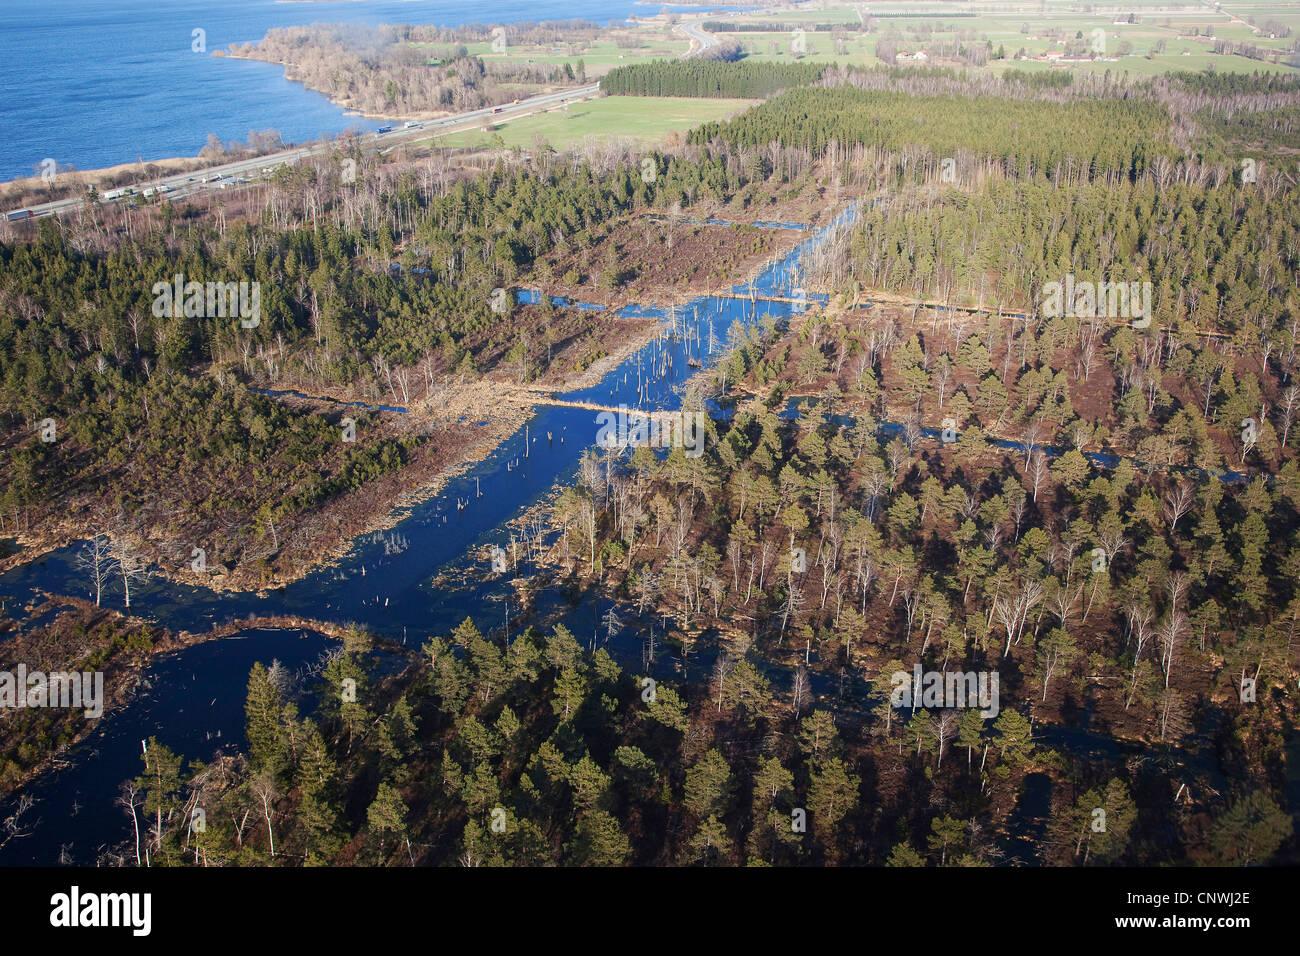 De highmoor renaturation afectados por el corte de turba, Alemania, Baviera, Chiemsee Imagen De Stock